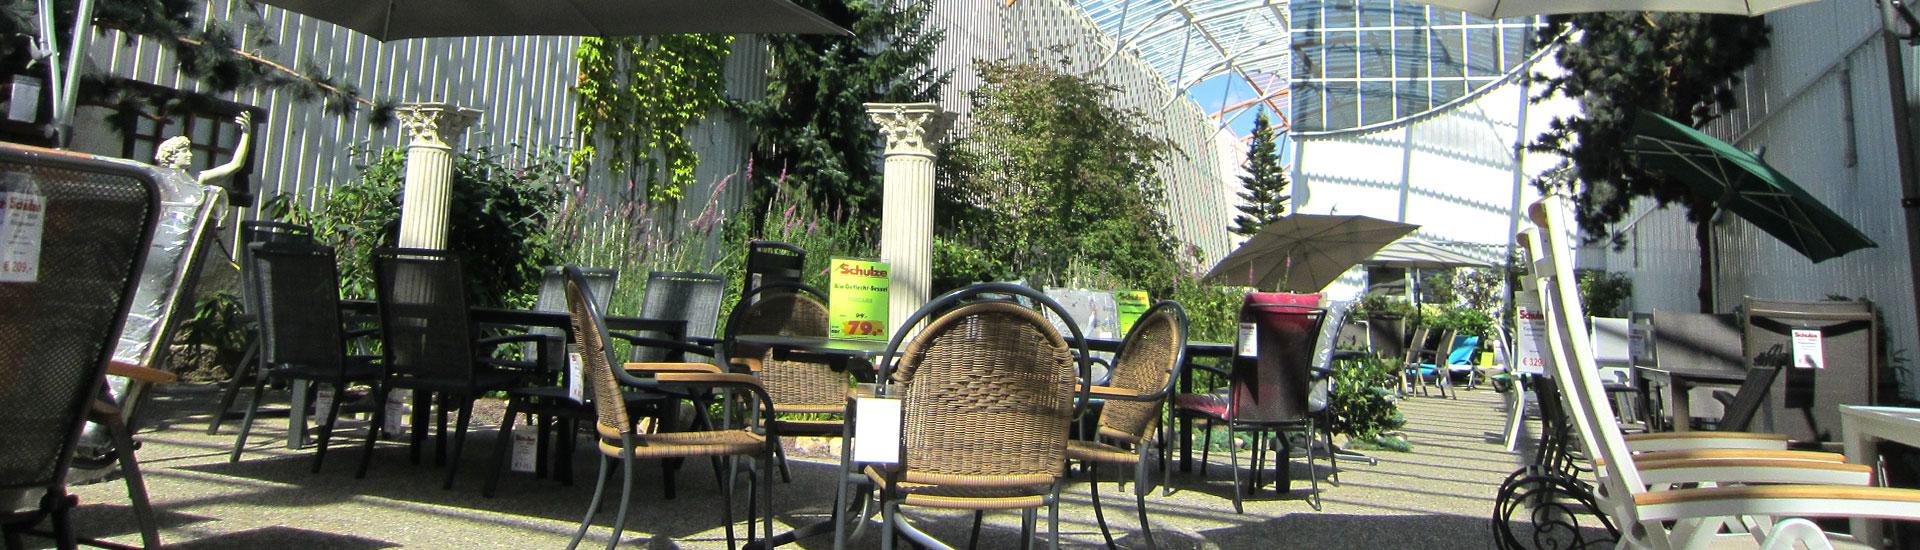 Gartenmöbel Ausstellung - Möbel Schulze Coburg, Rödental & Ilmenau